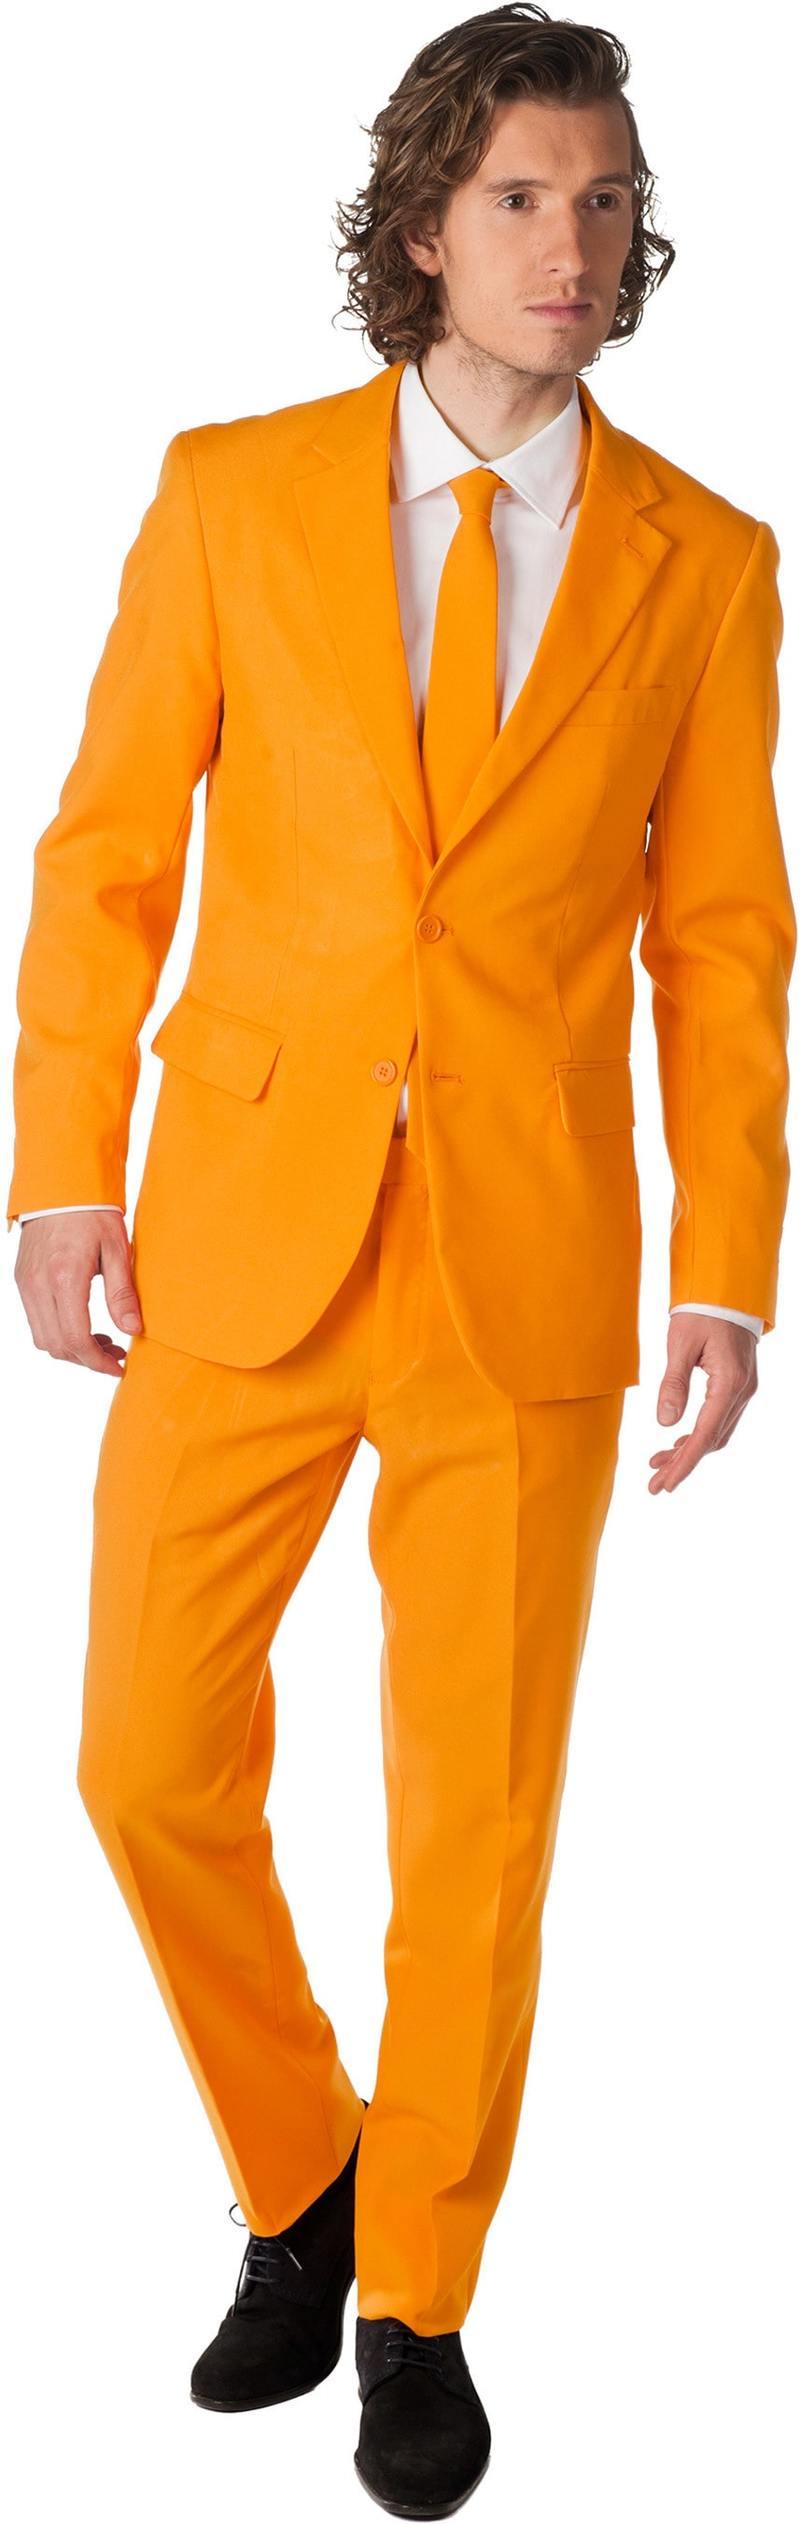 OppoSuits Orange Kostüm Foto 0